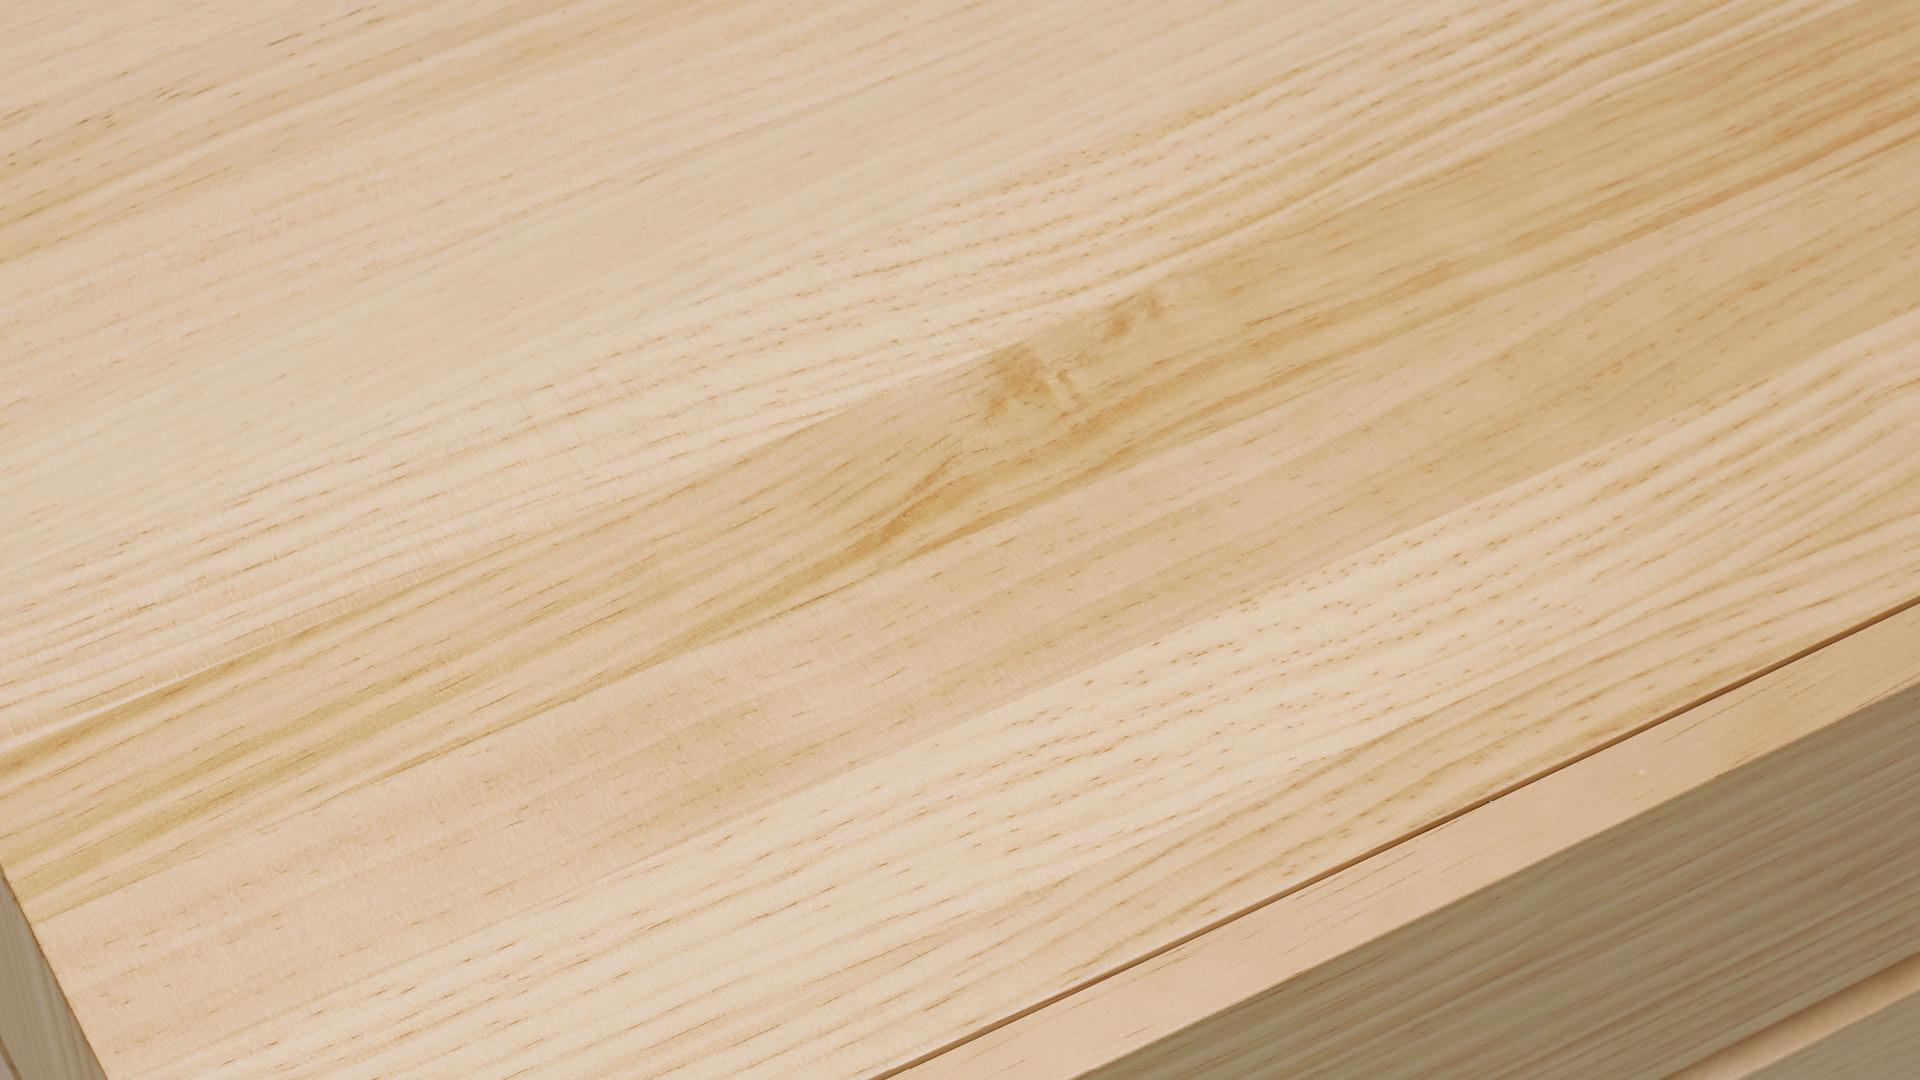 通體A級新西蘭松木,天然紋理,凹凸可觸